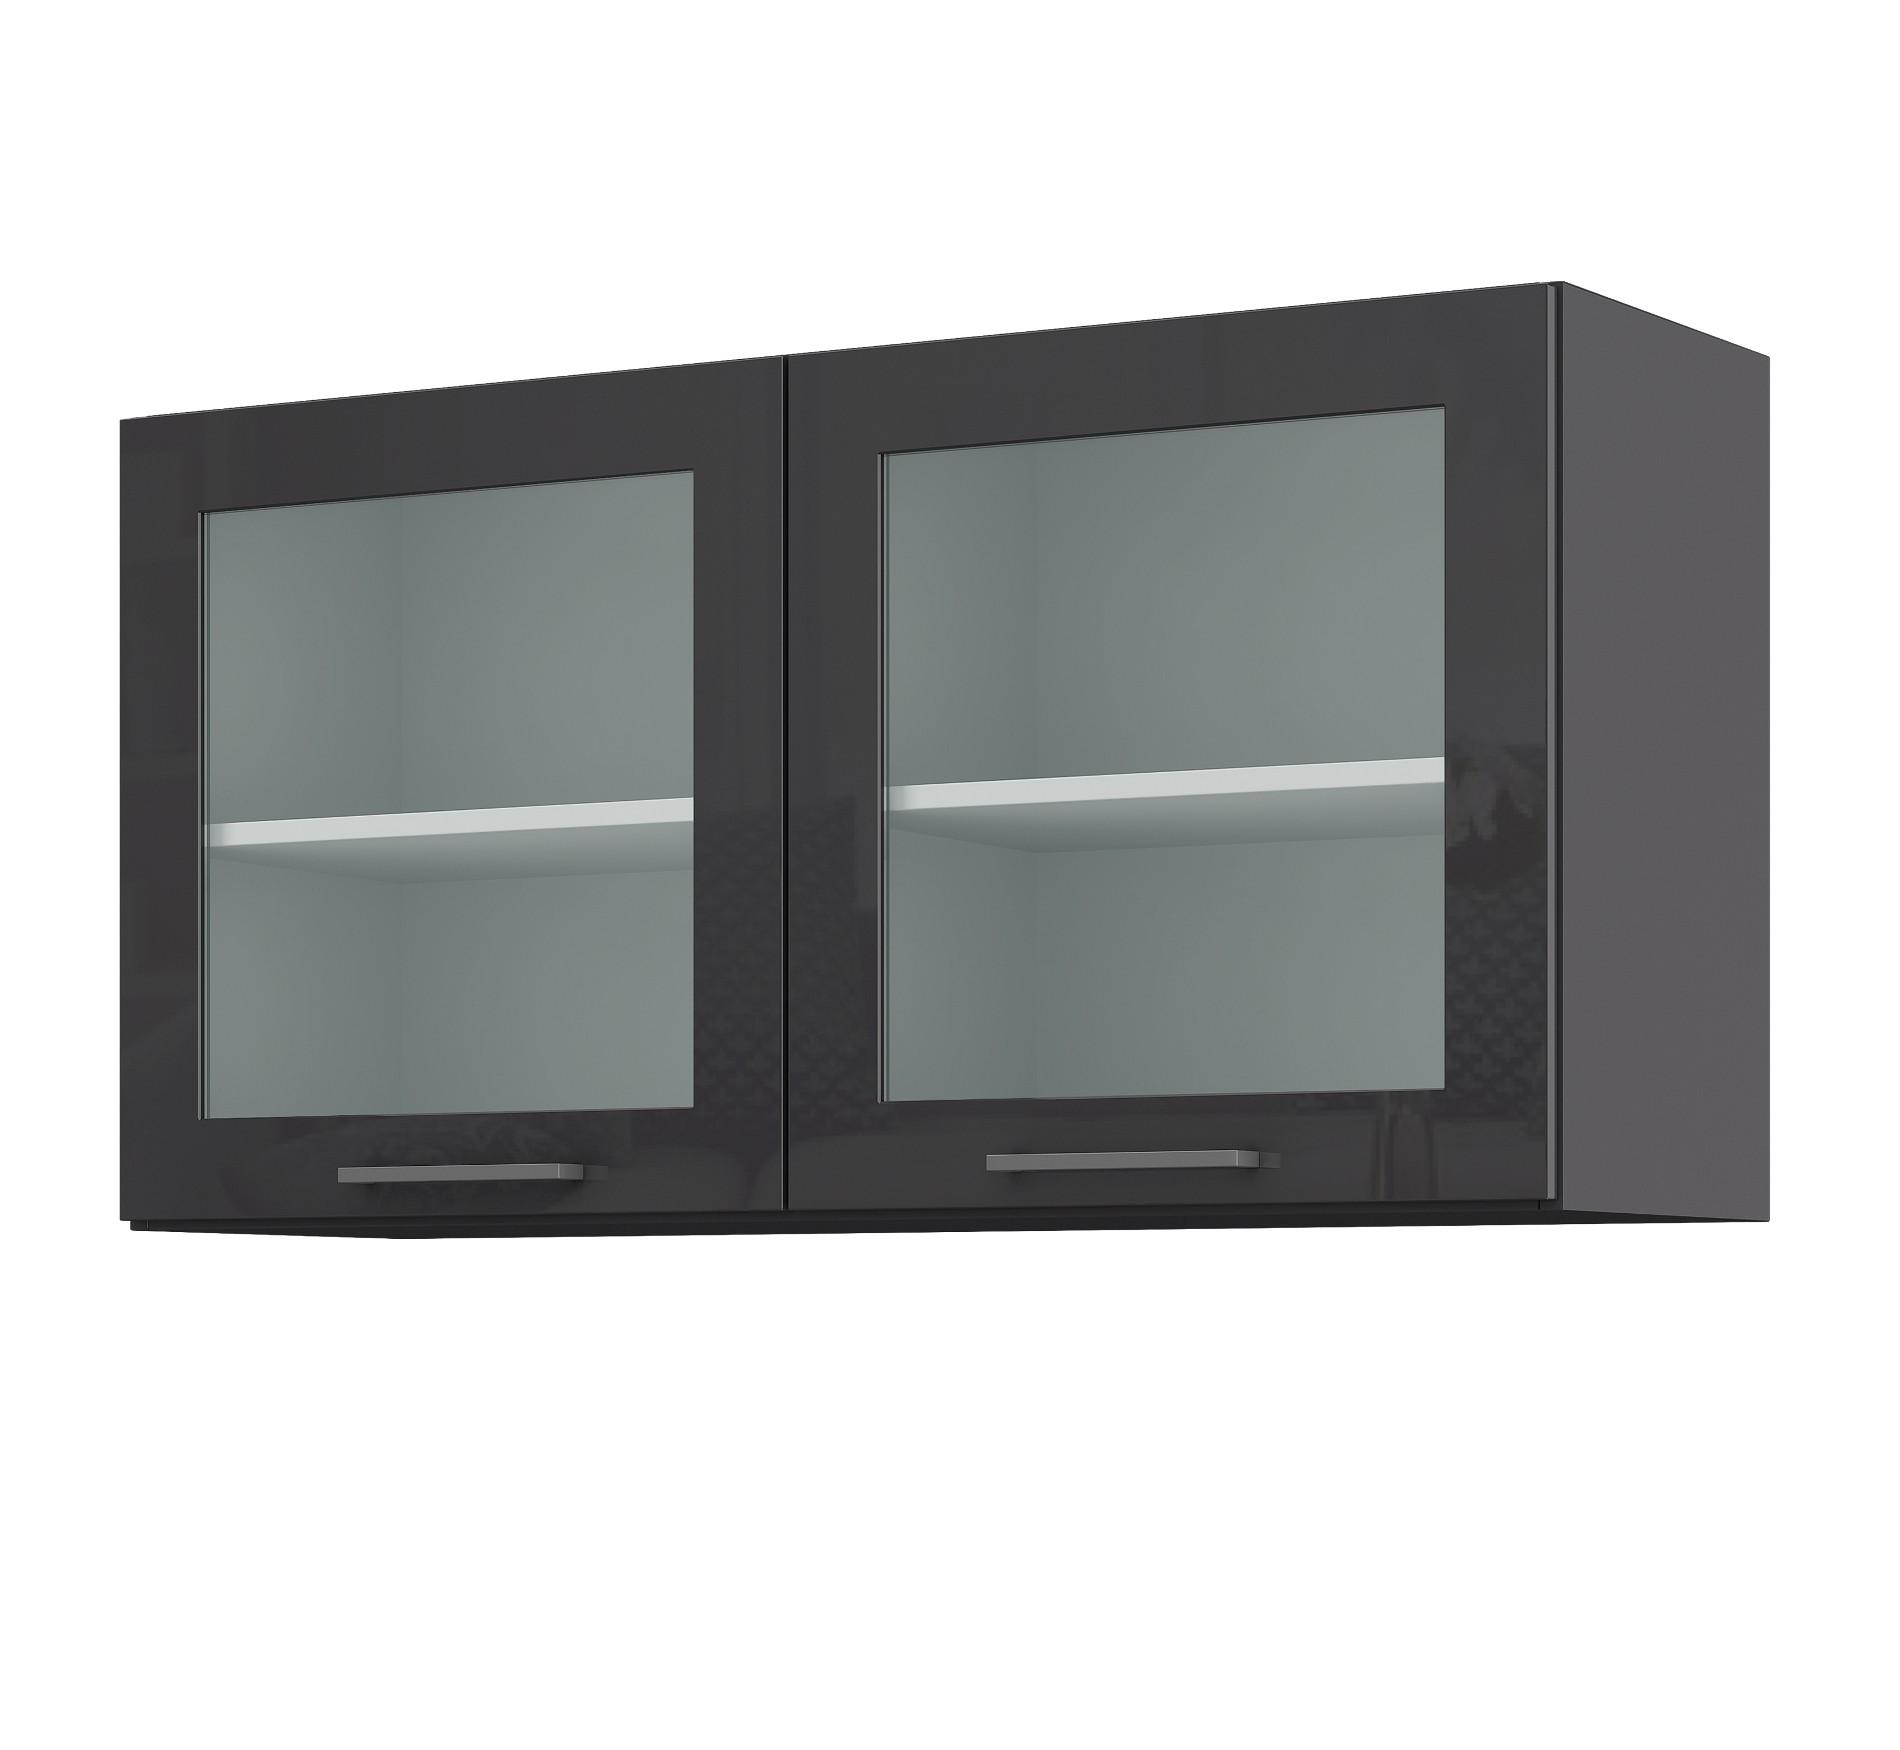 Küchen-Glashängeschrank MÜNCHEN - 16-türig - Breite 16 cm - Hochglanz Grau